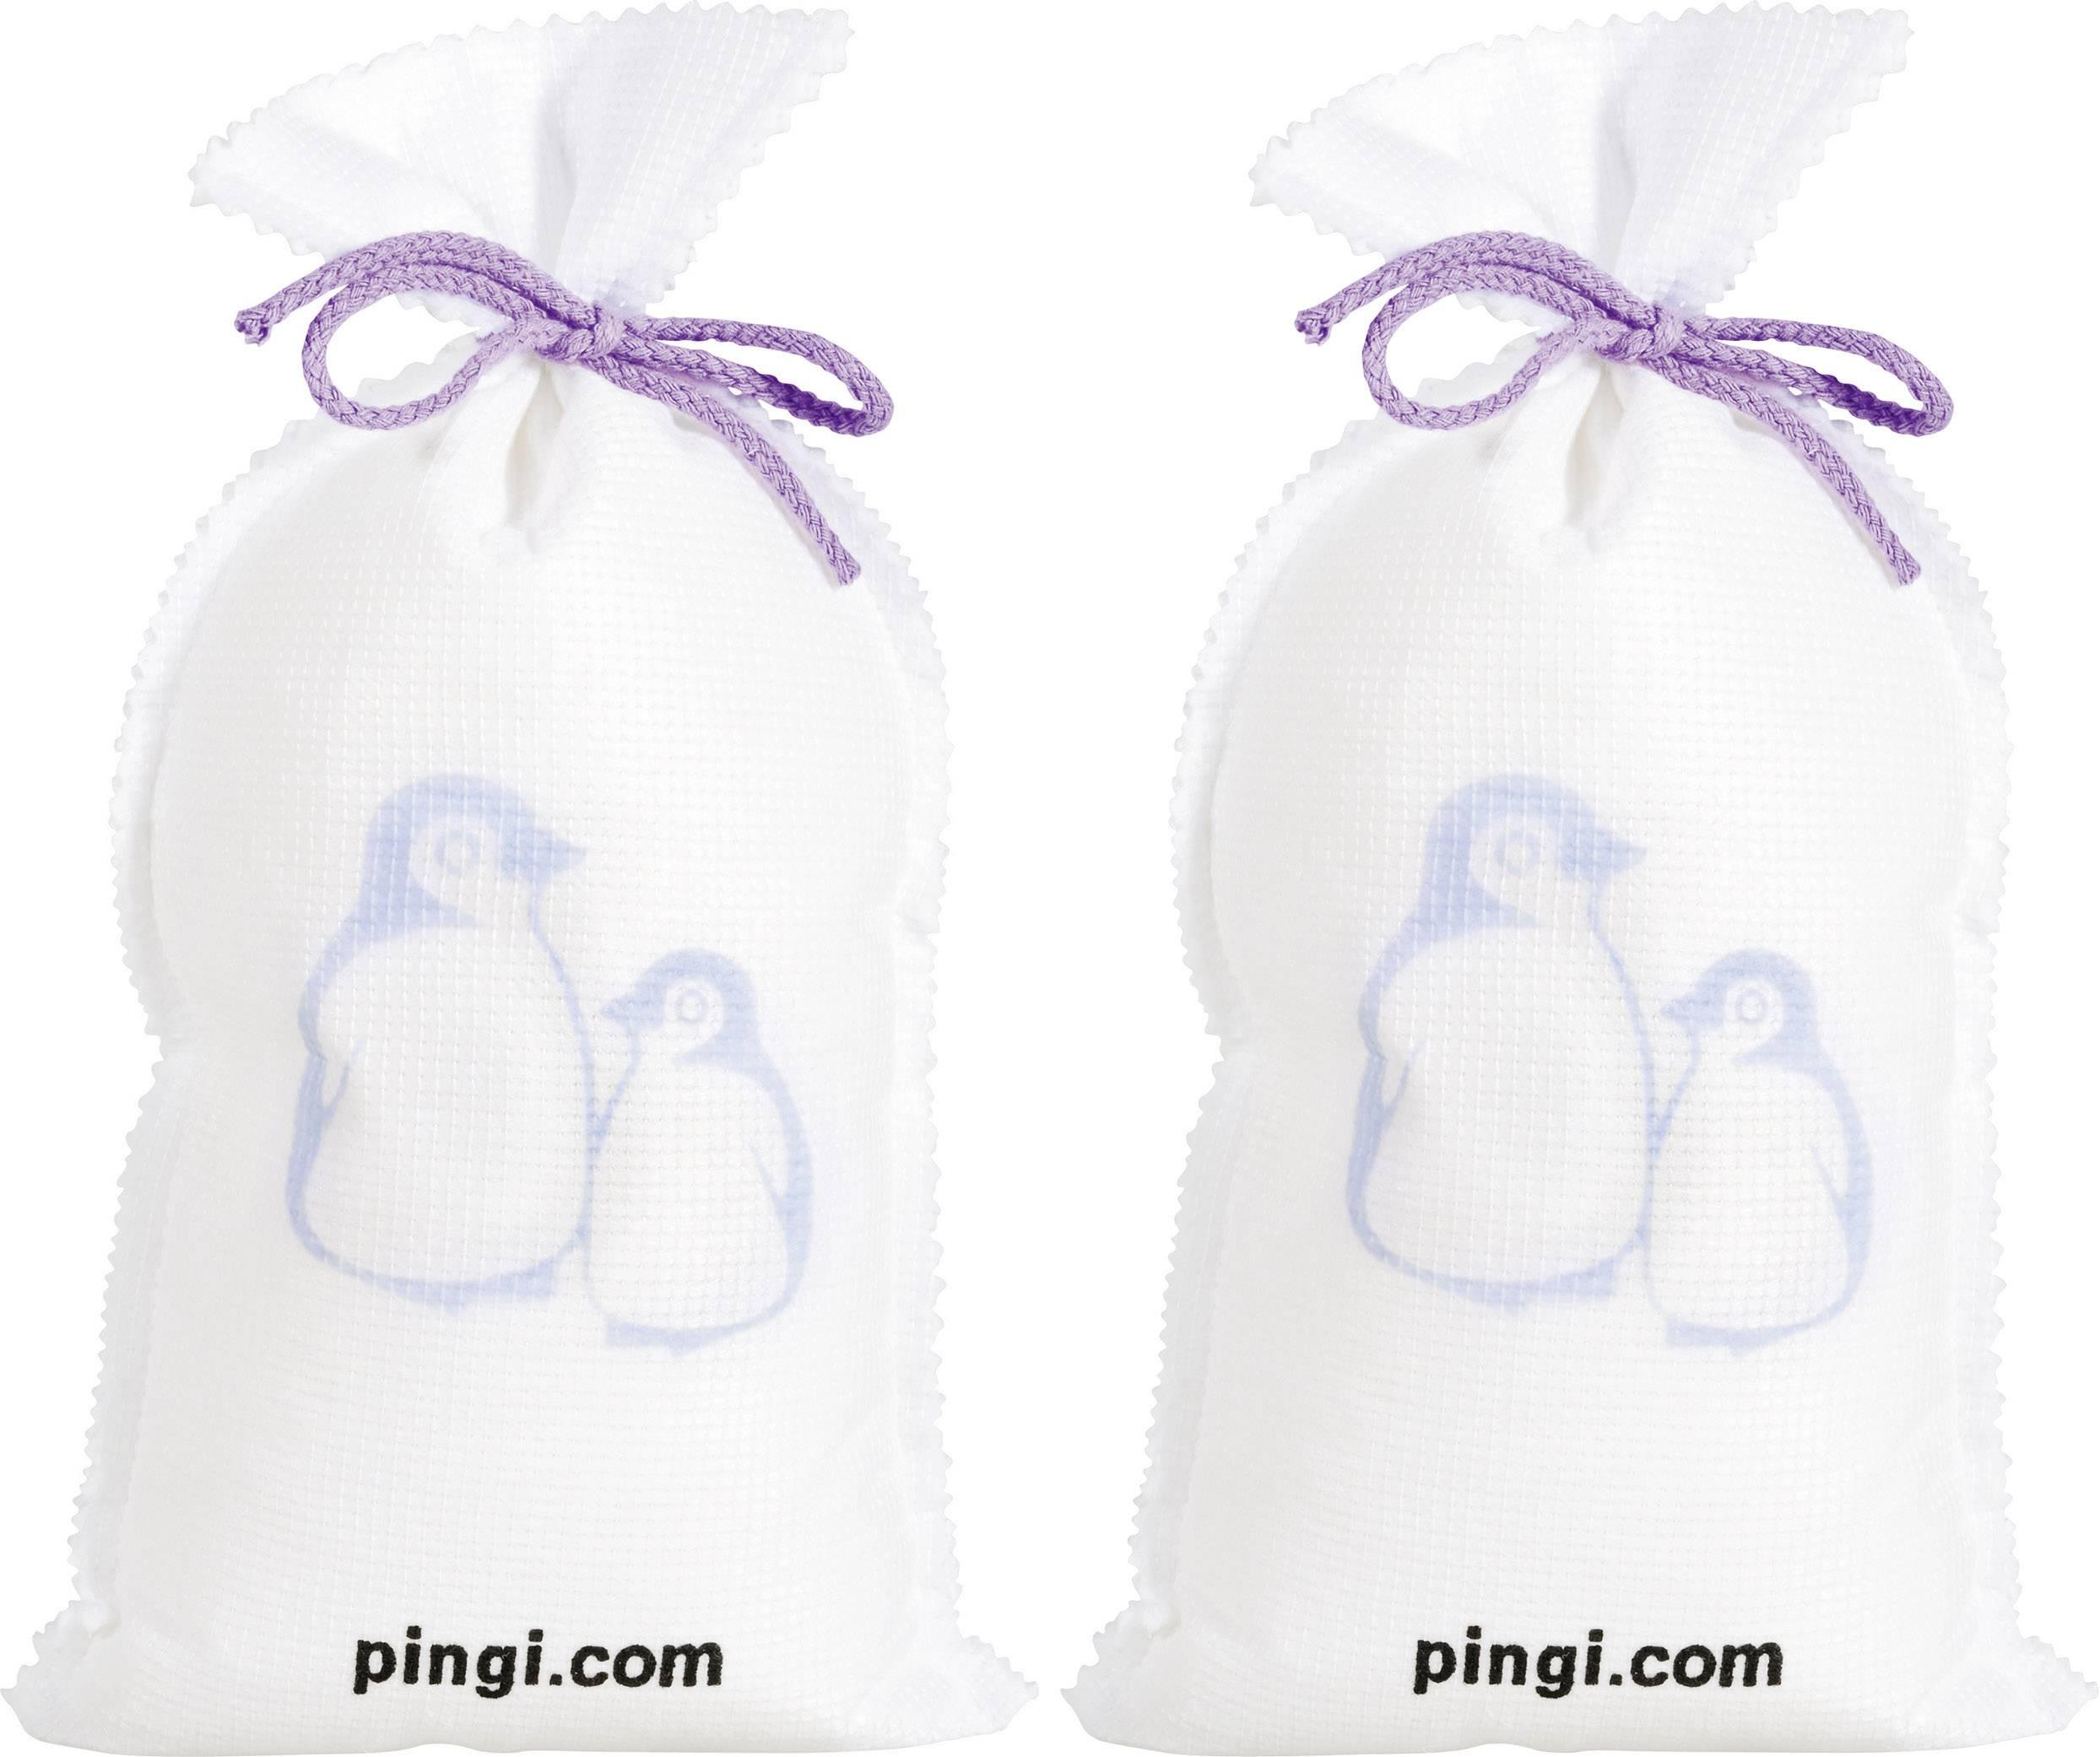 19,99€  // 1 kg Luftentfeuchter Pingi 2x 500g Hygrometer wiederverwendbar 1 kg